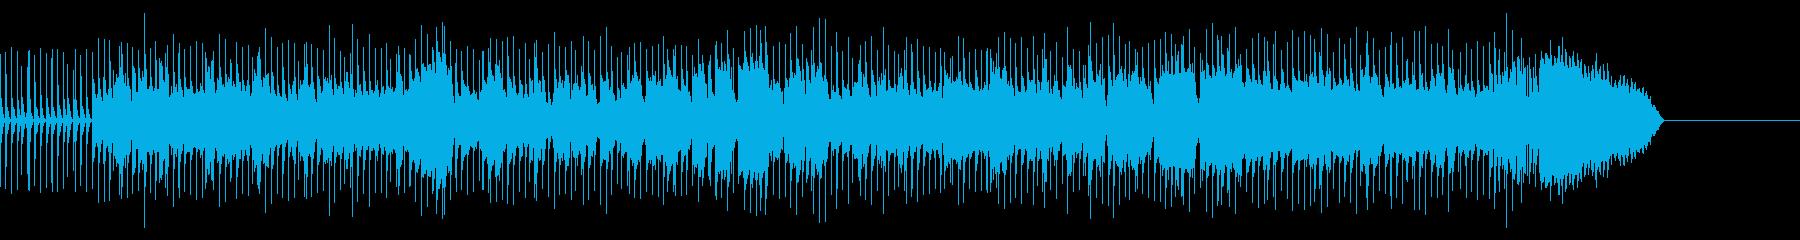 バイオリンによる明るいおでかけ風ポップスの再生済みの波形